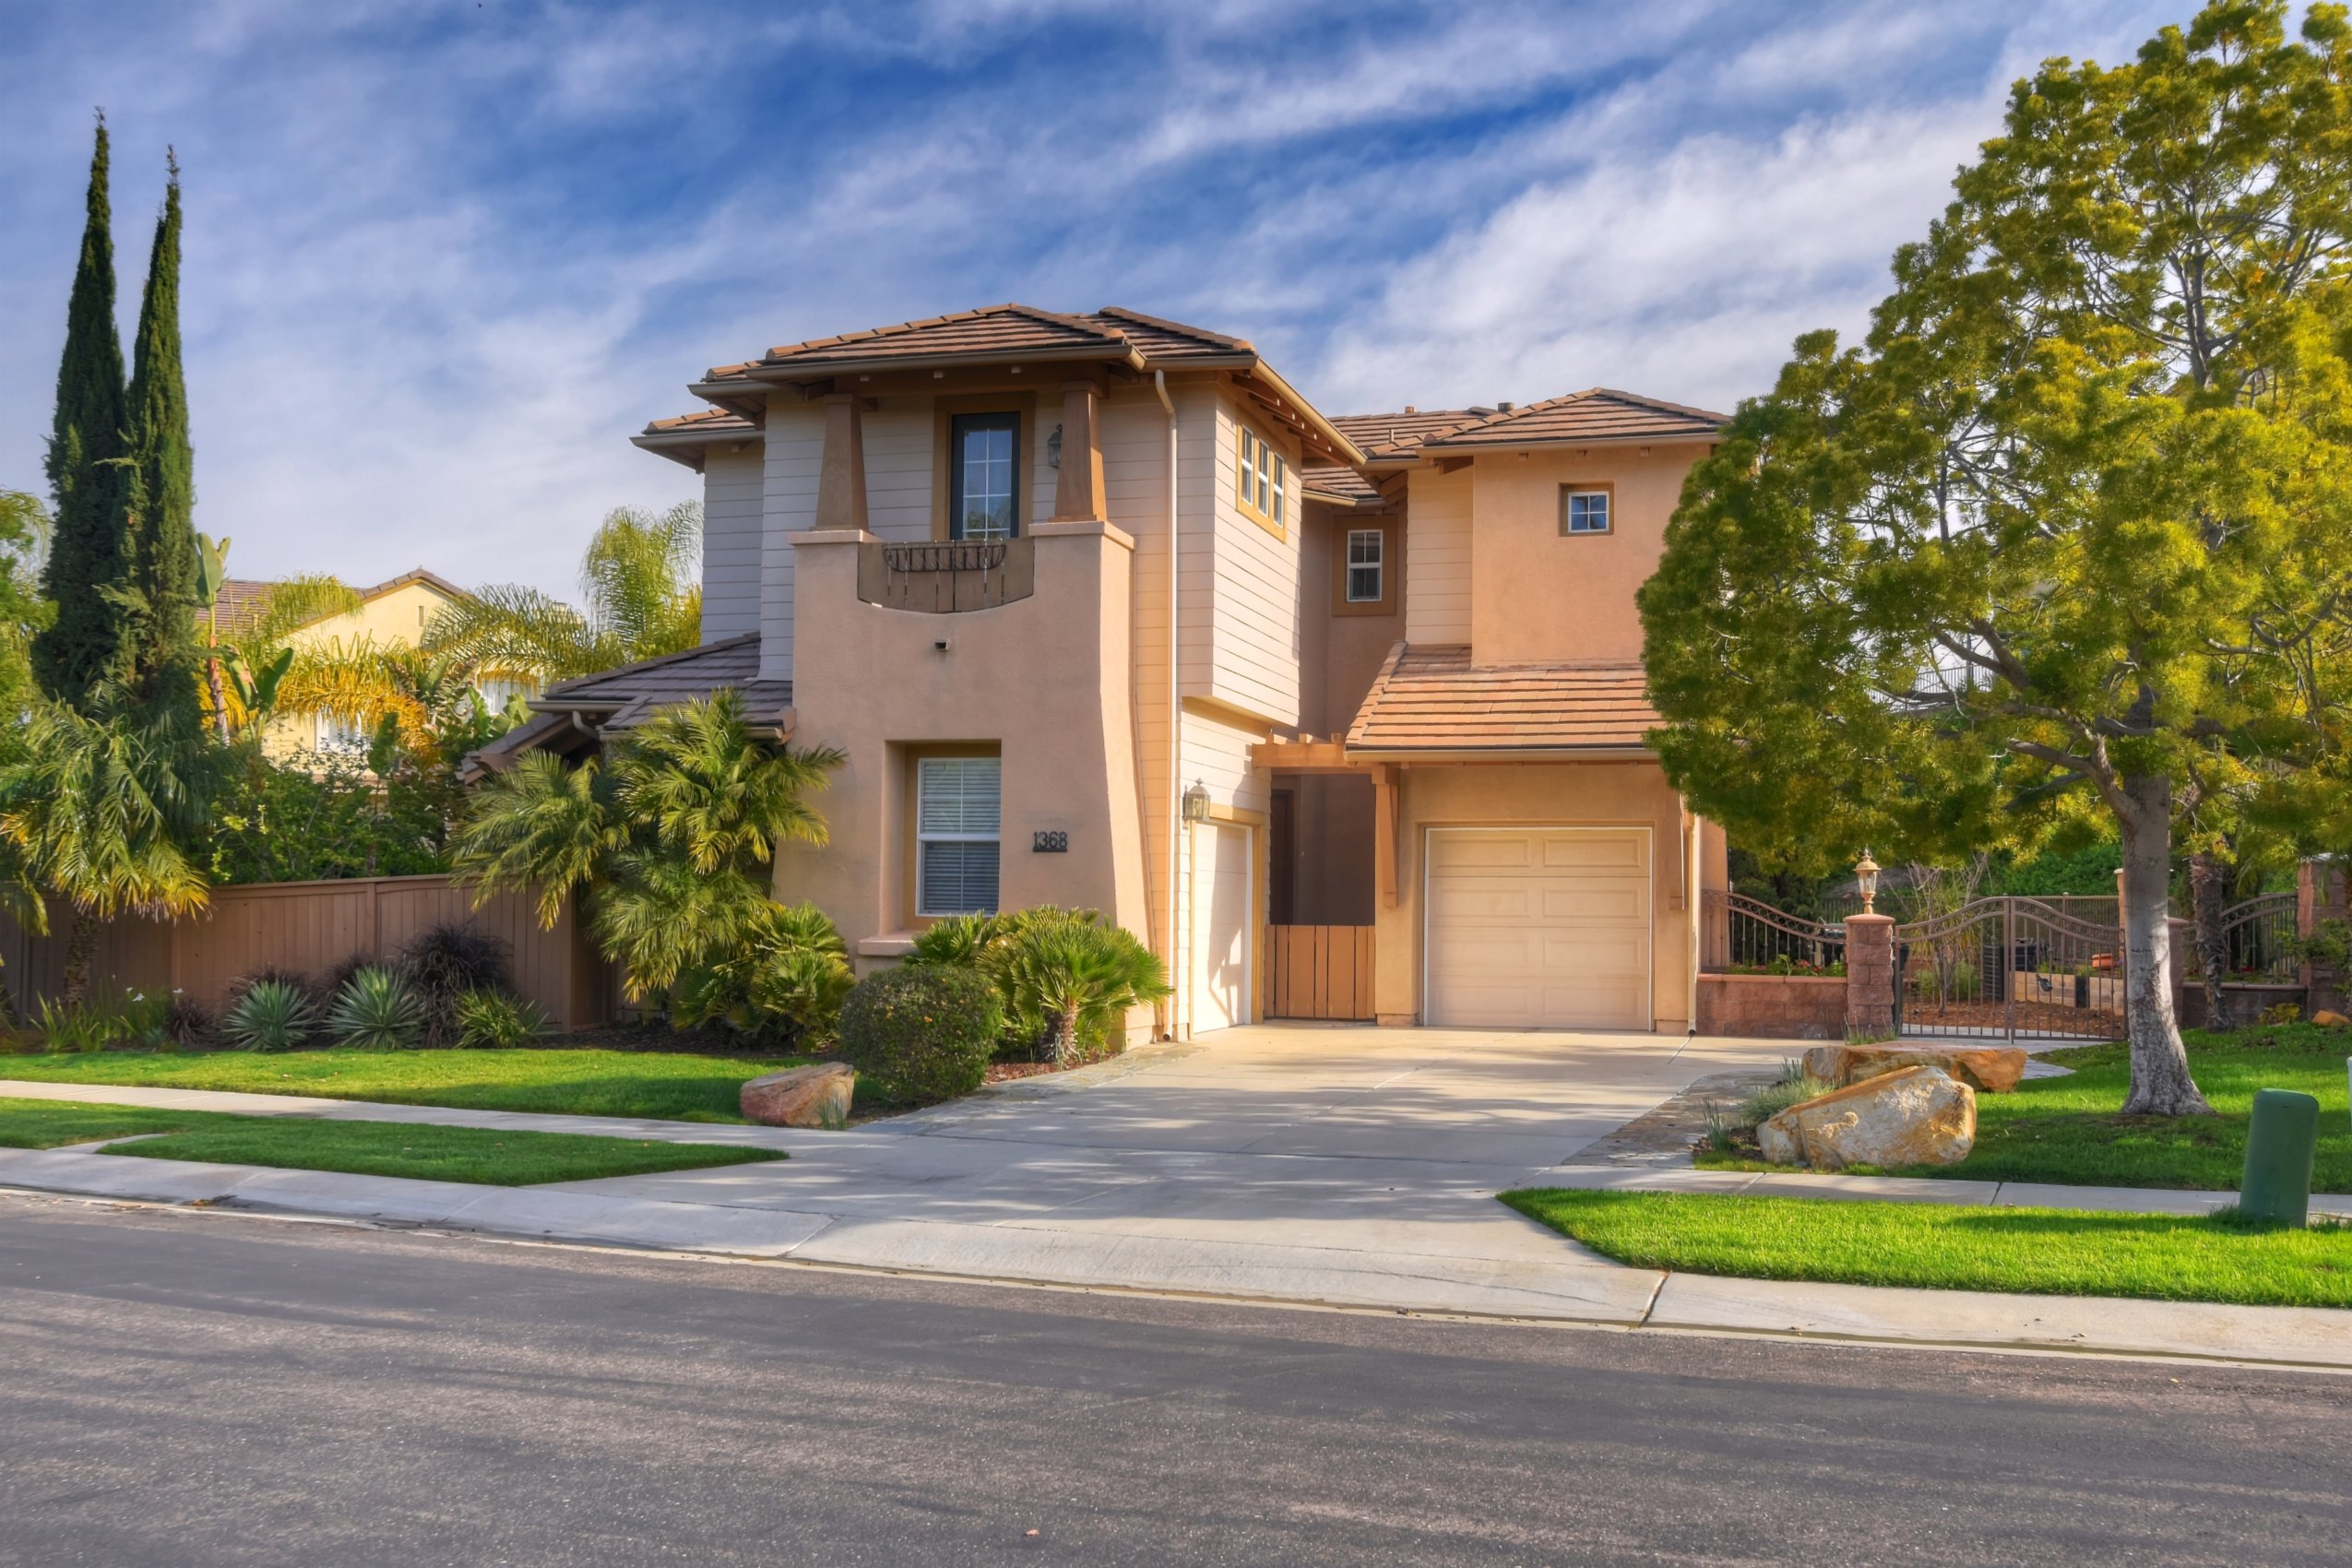 Encinitas Ranch Home for Sale